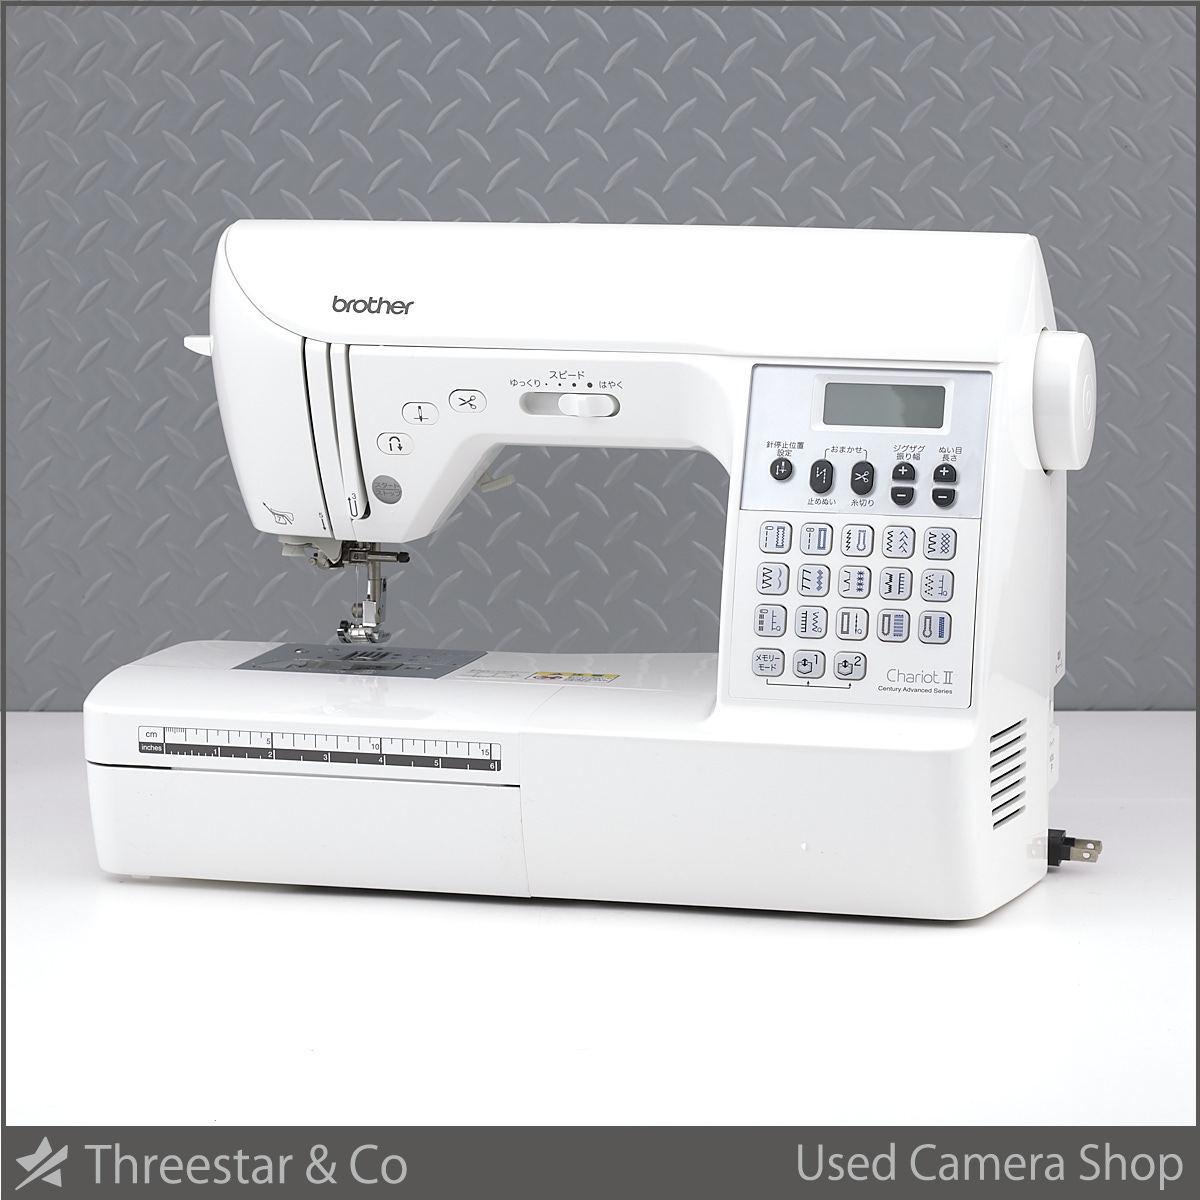 1円~ Brother ブラザー ミシン Chariot II (シャリオ II) CPS72 美品でオススメ エクストラテーブル フットコントローラー